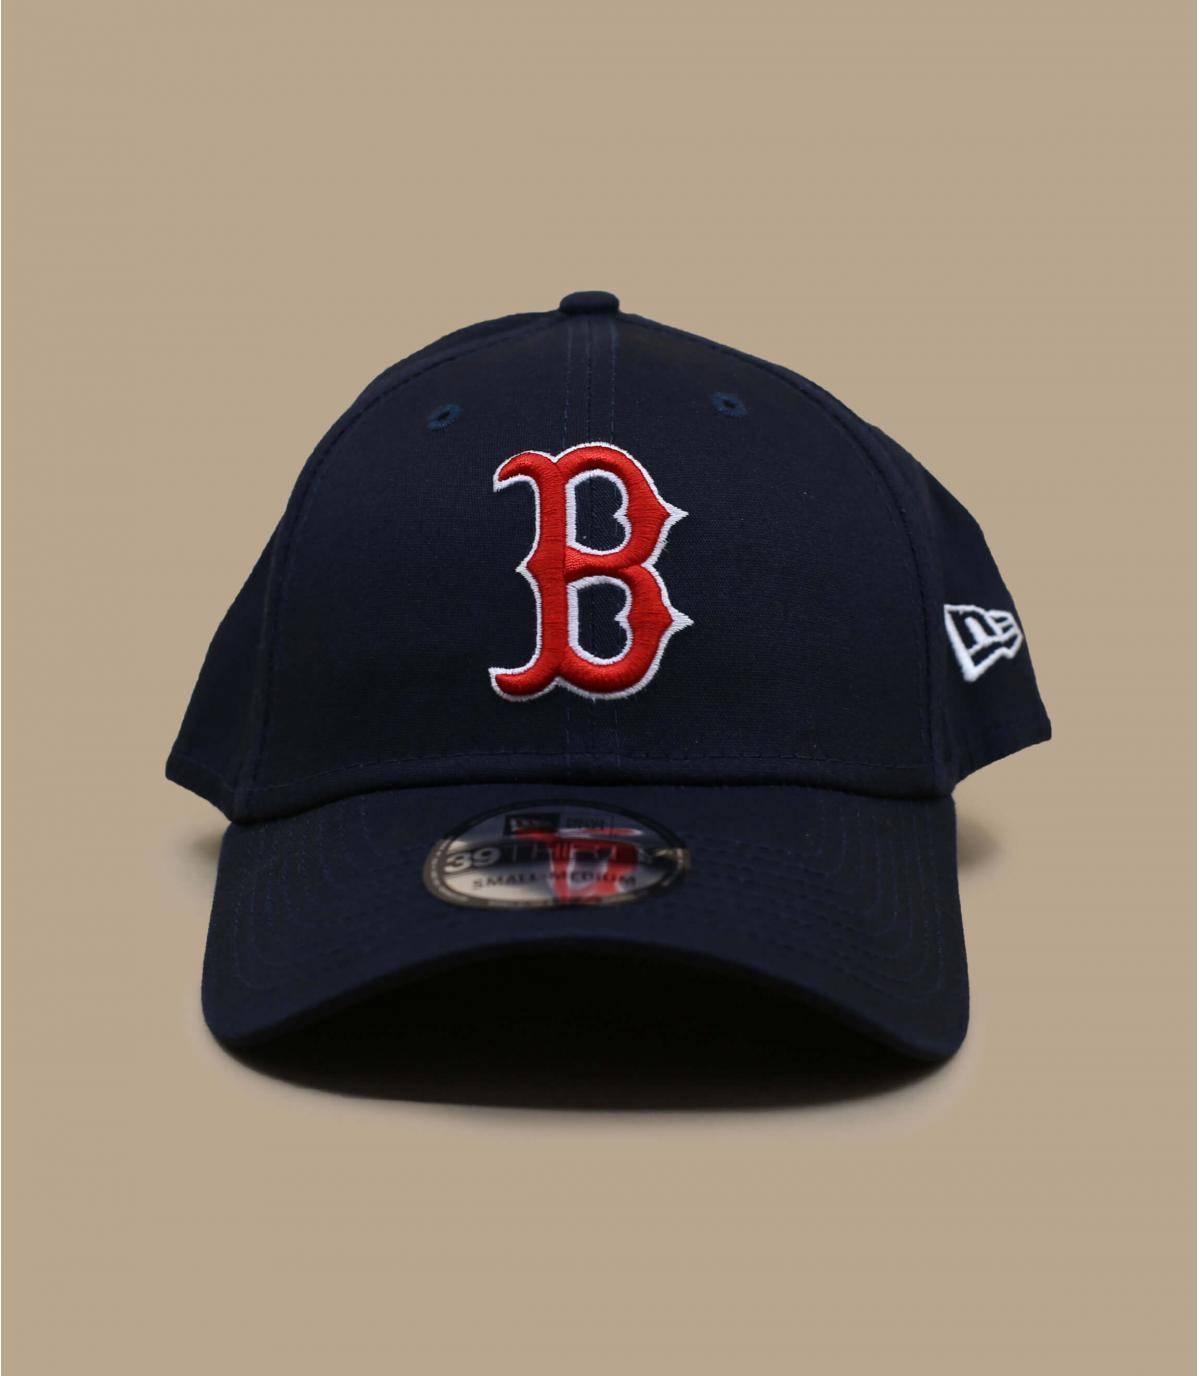 Detalles League Ess 3930 Boston imagen 2